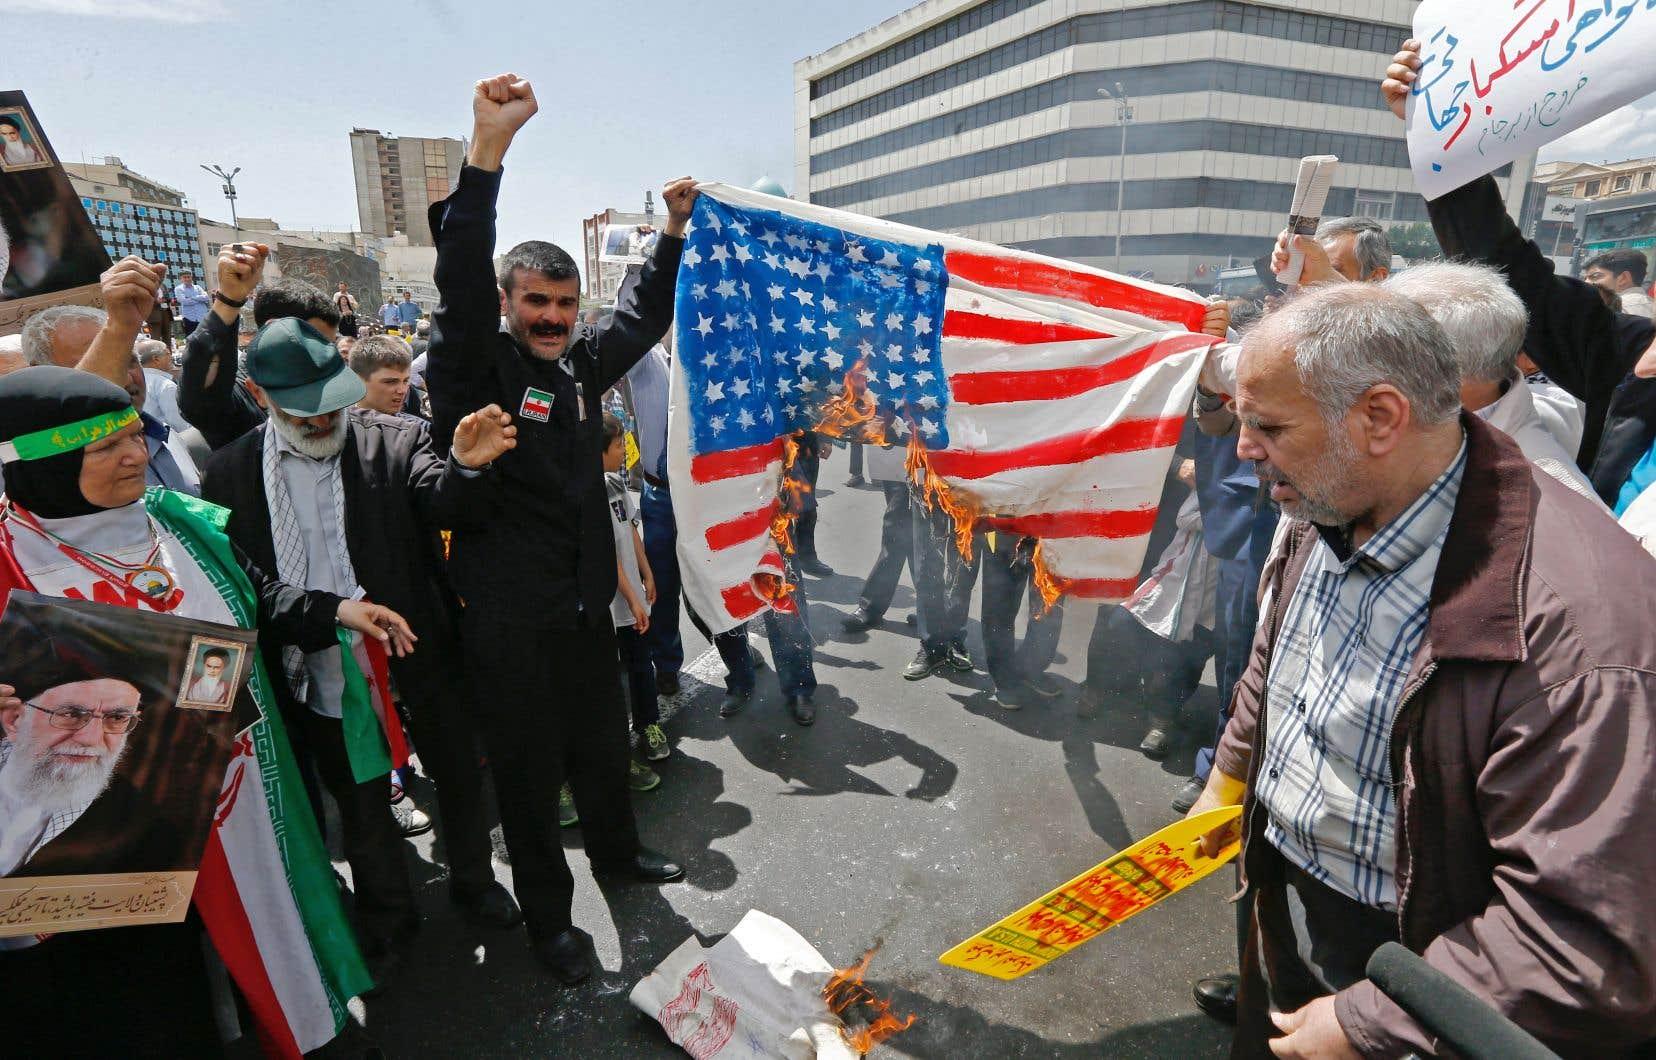 Le 8mai dernier, Washington a encore durci ses sanctions économiques contre l'Iran, en ajoutant l'acier, le fer, l'aluminium et le cuivre aux secteurs visés par des mesures punitives.